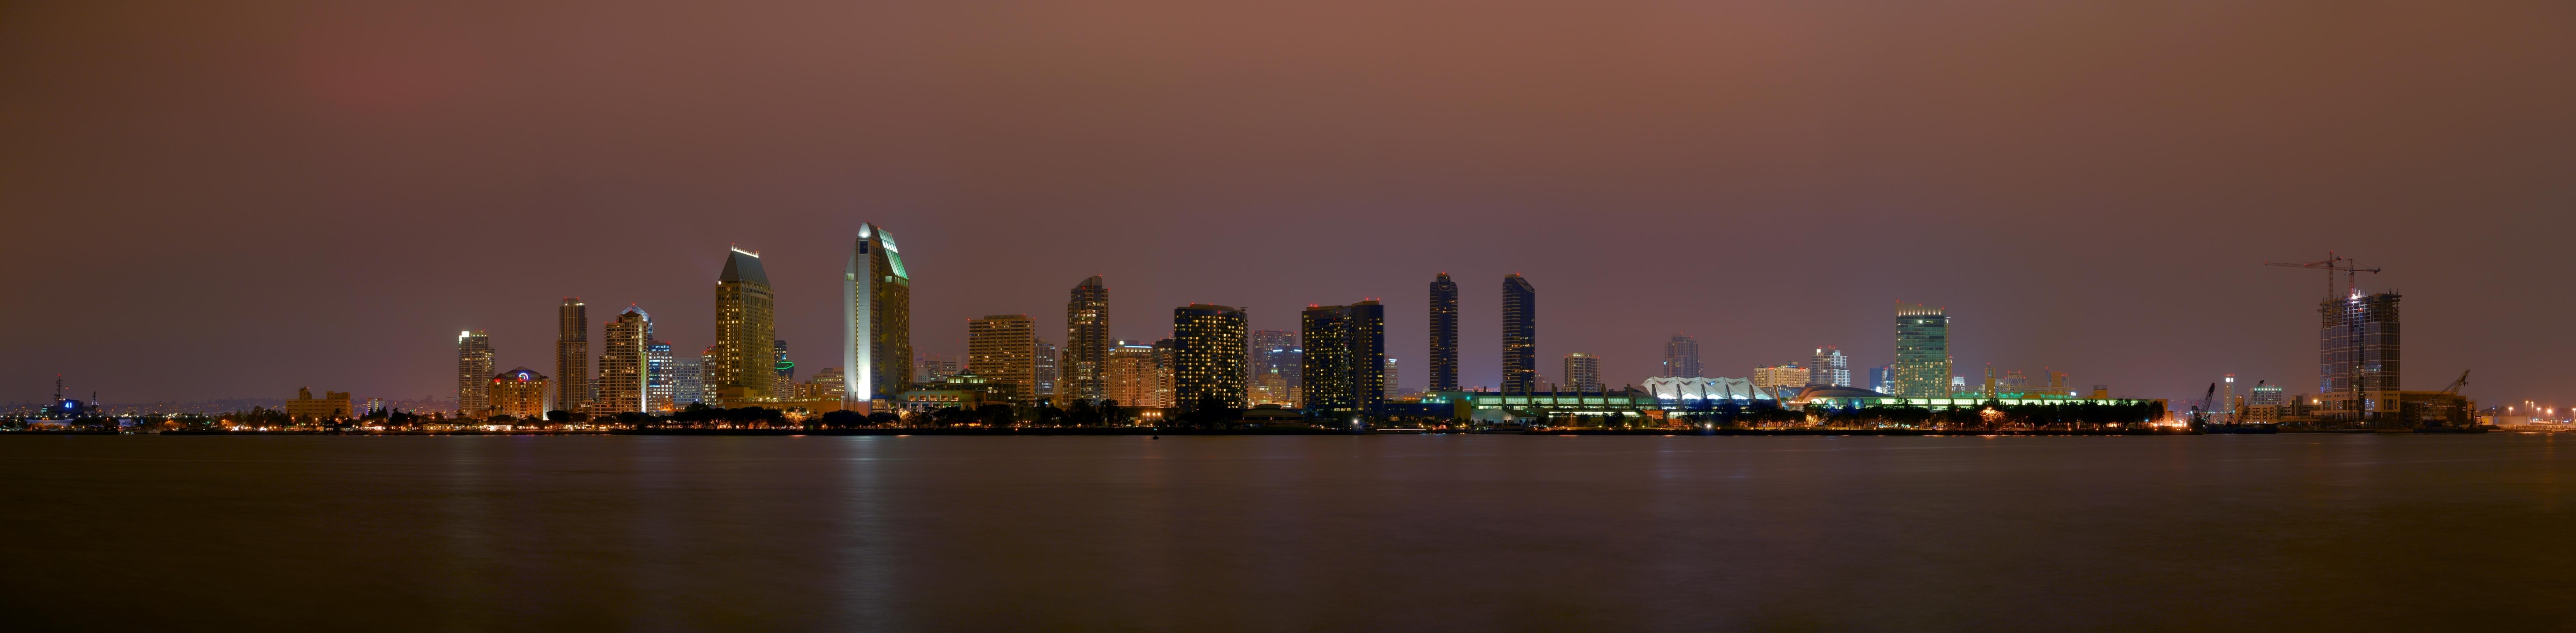 San diego skyline night  1